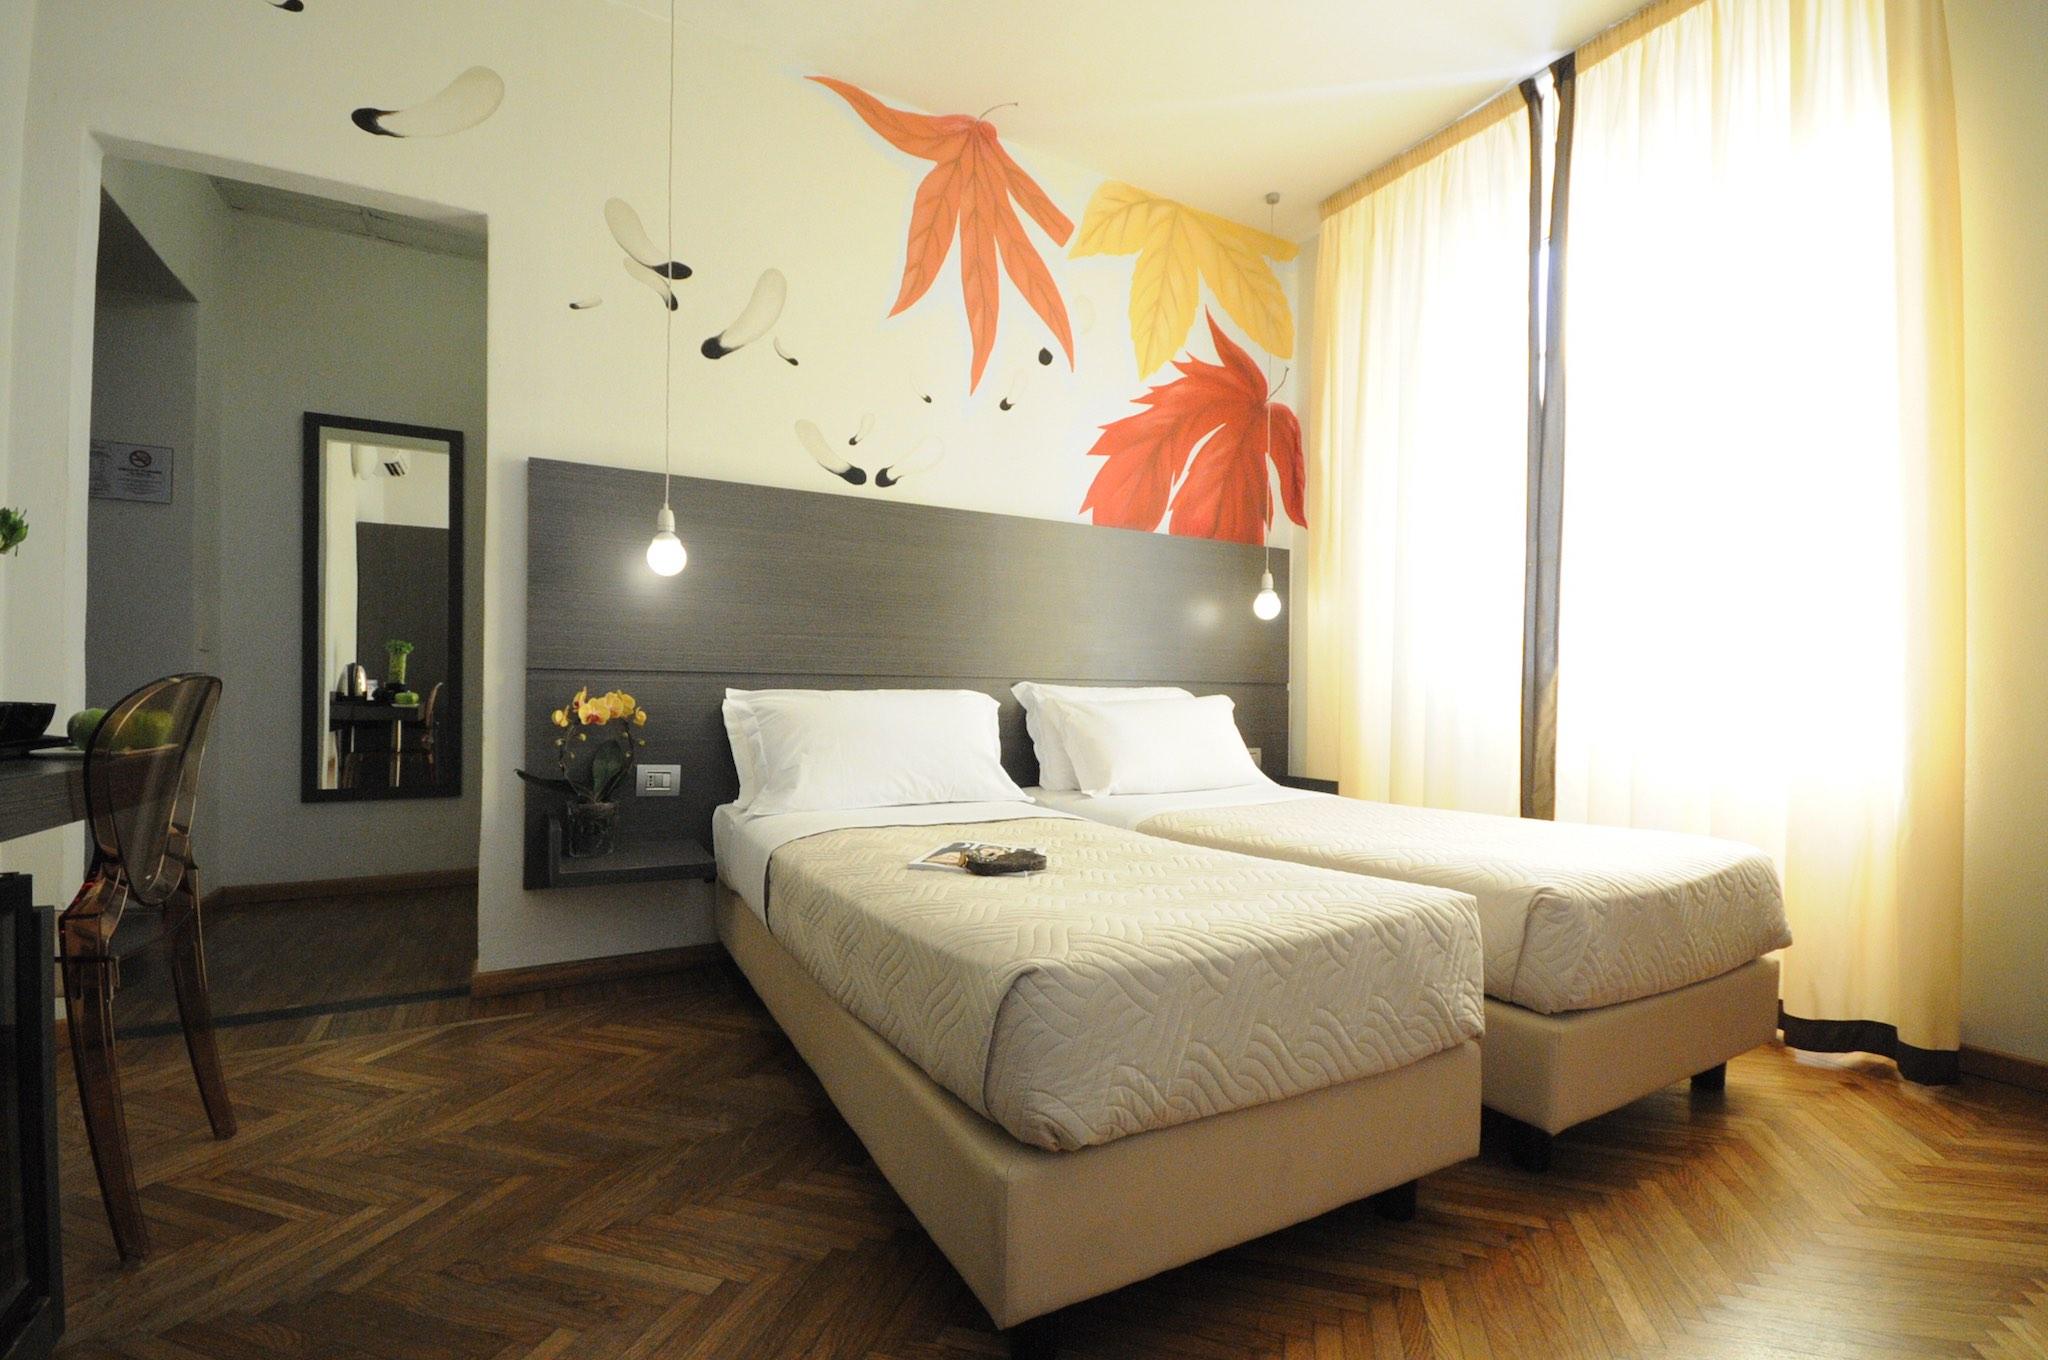 CAMERE HOTEL MARINA DI MASSA